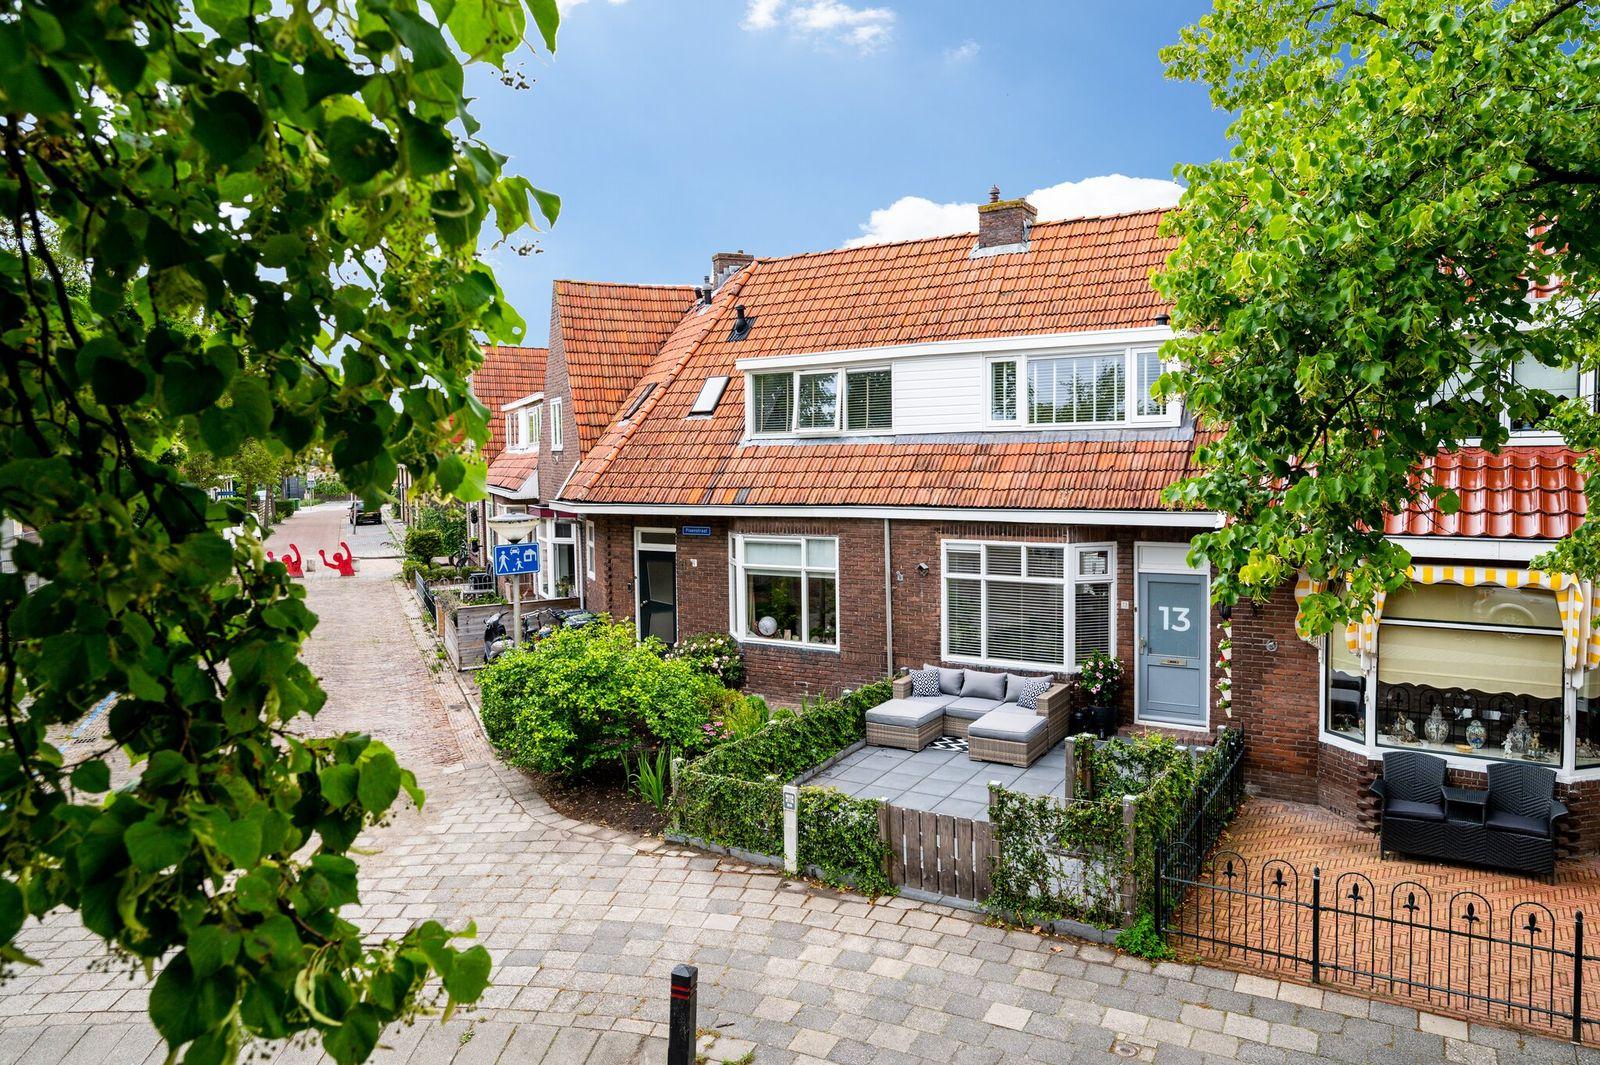 Pioenstraat 13, Leeuwarden